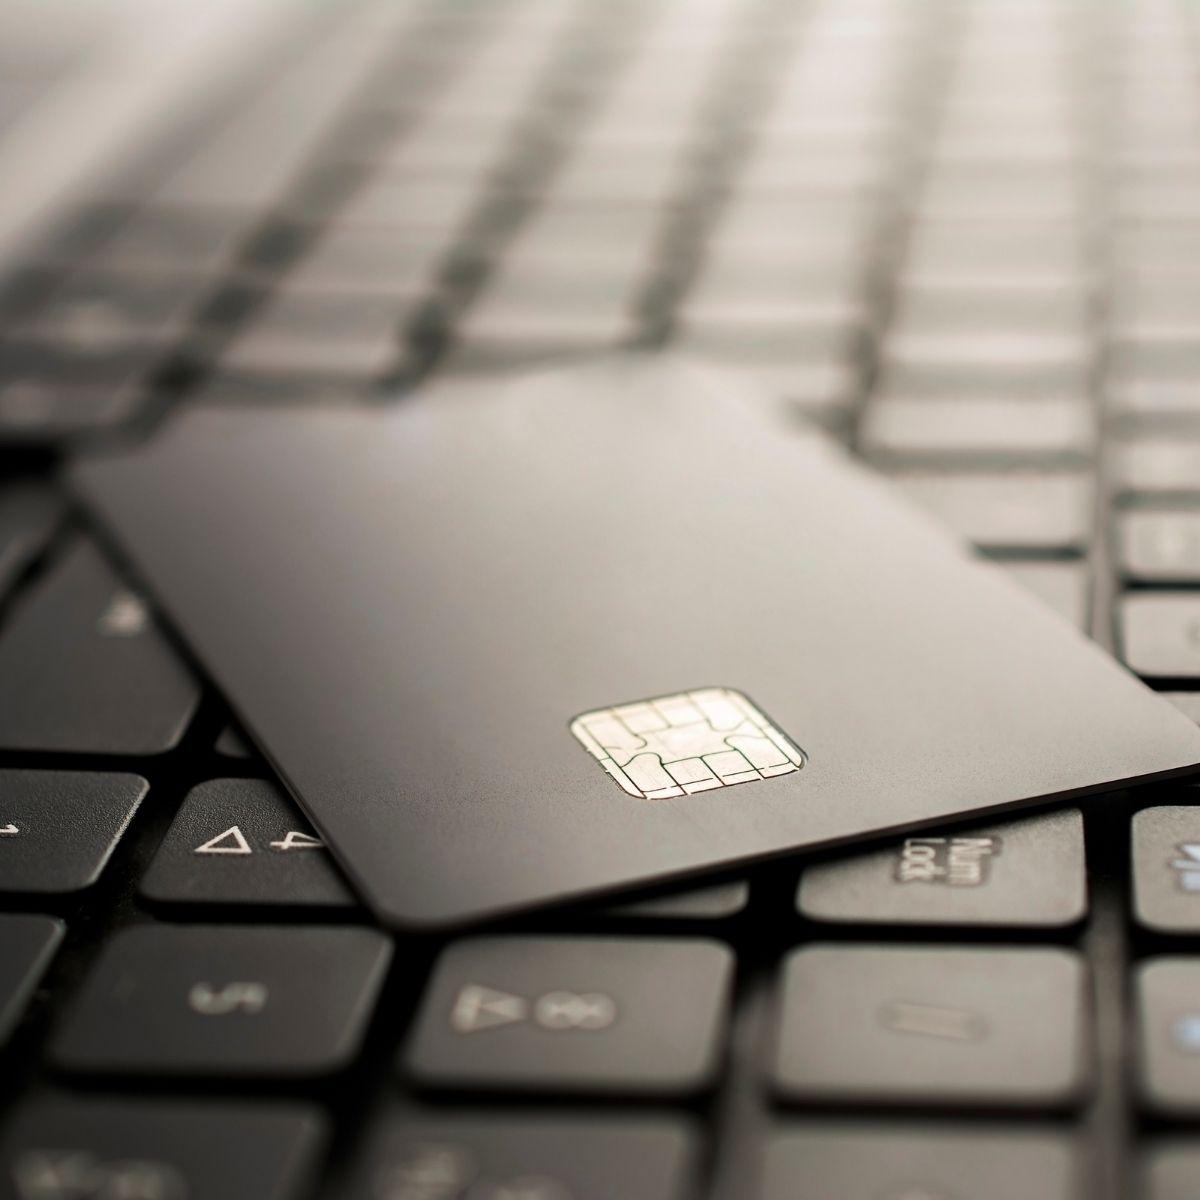 Por qué no me dan una tarjeta de crédito si el propio banco me la ofreció 3